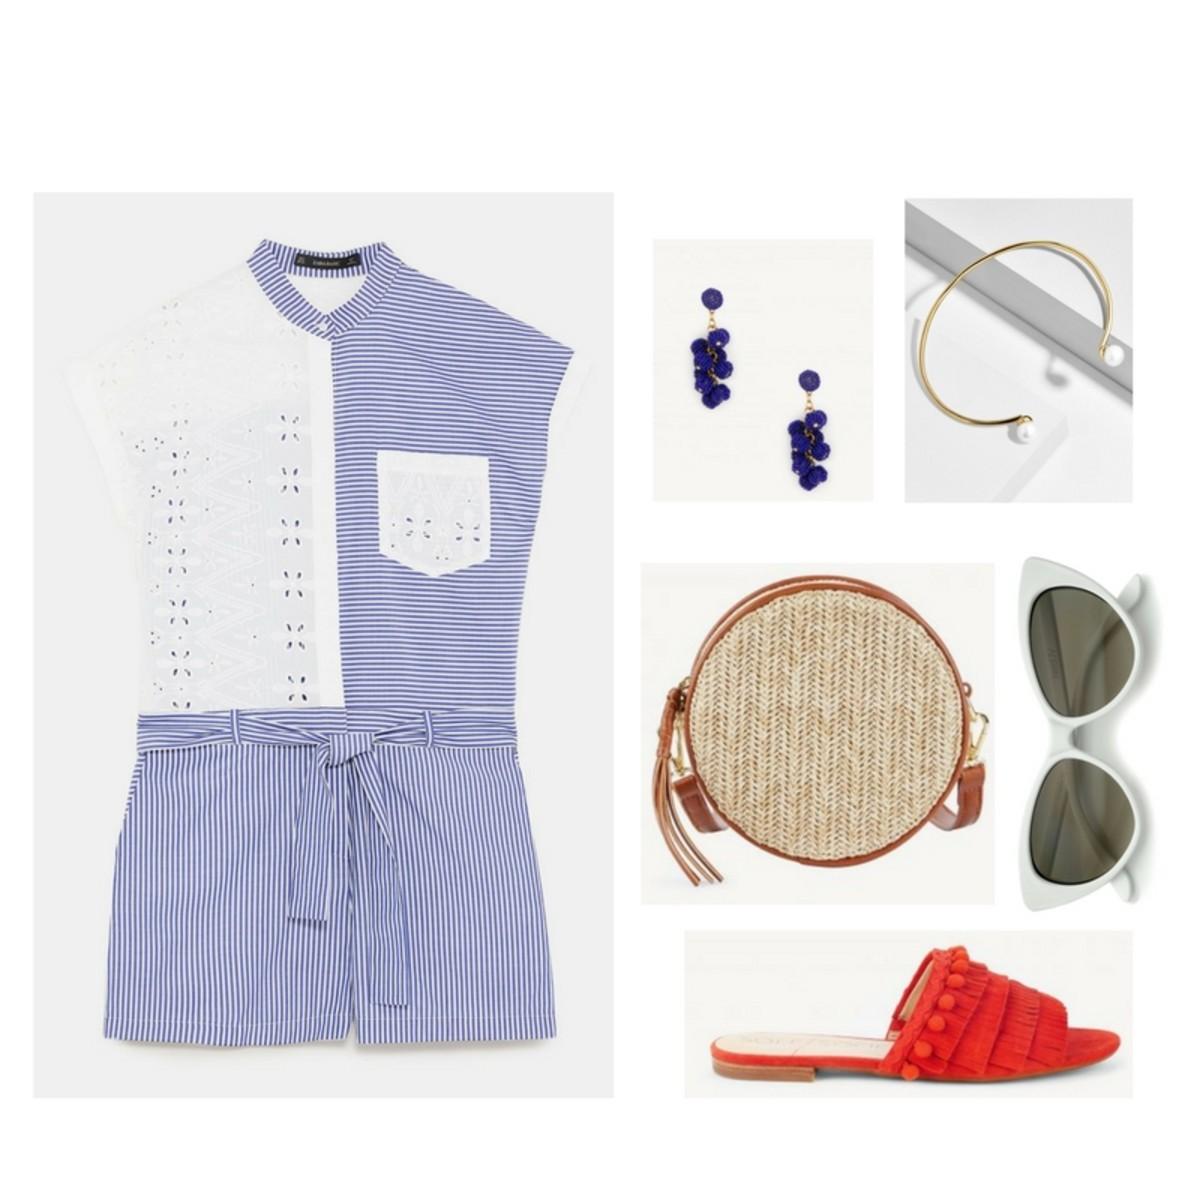 blue-med-jumper-romper-red-shoe-sandals-cognac-bag-blue-earrings-sun-spring-summer-weekend.jpg